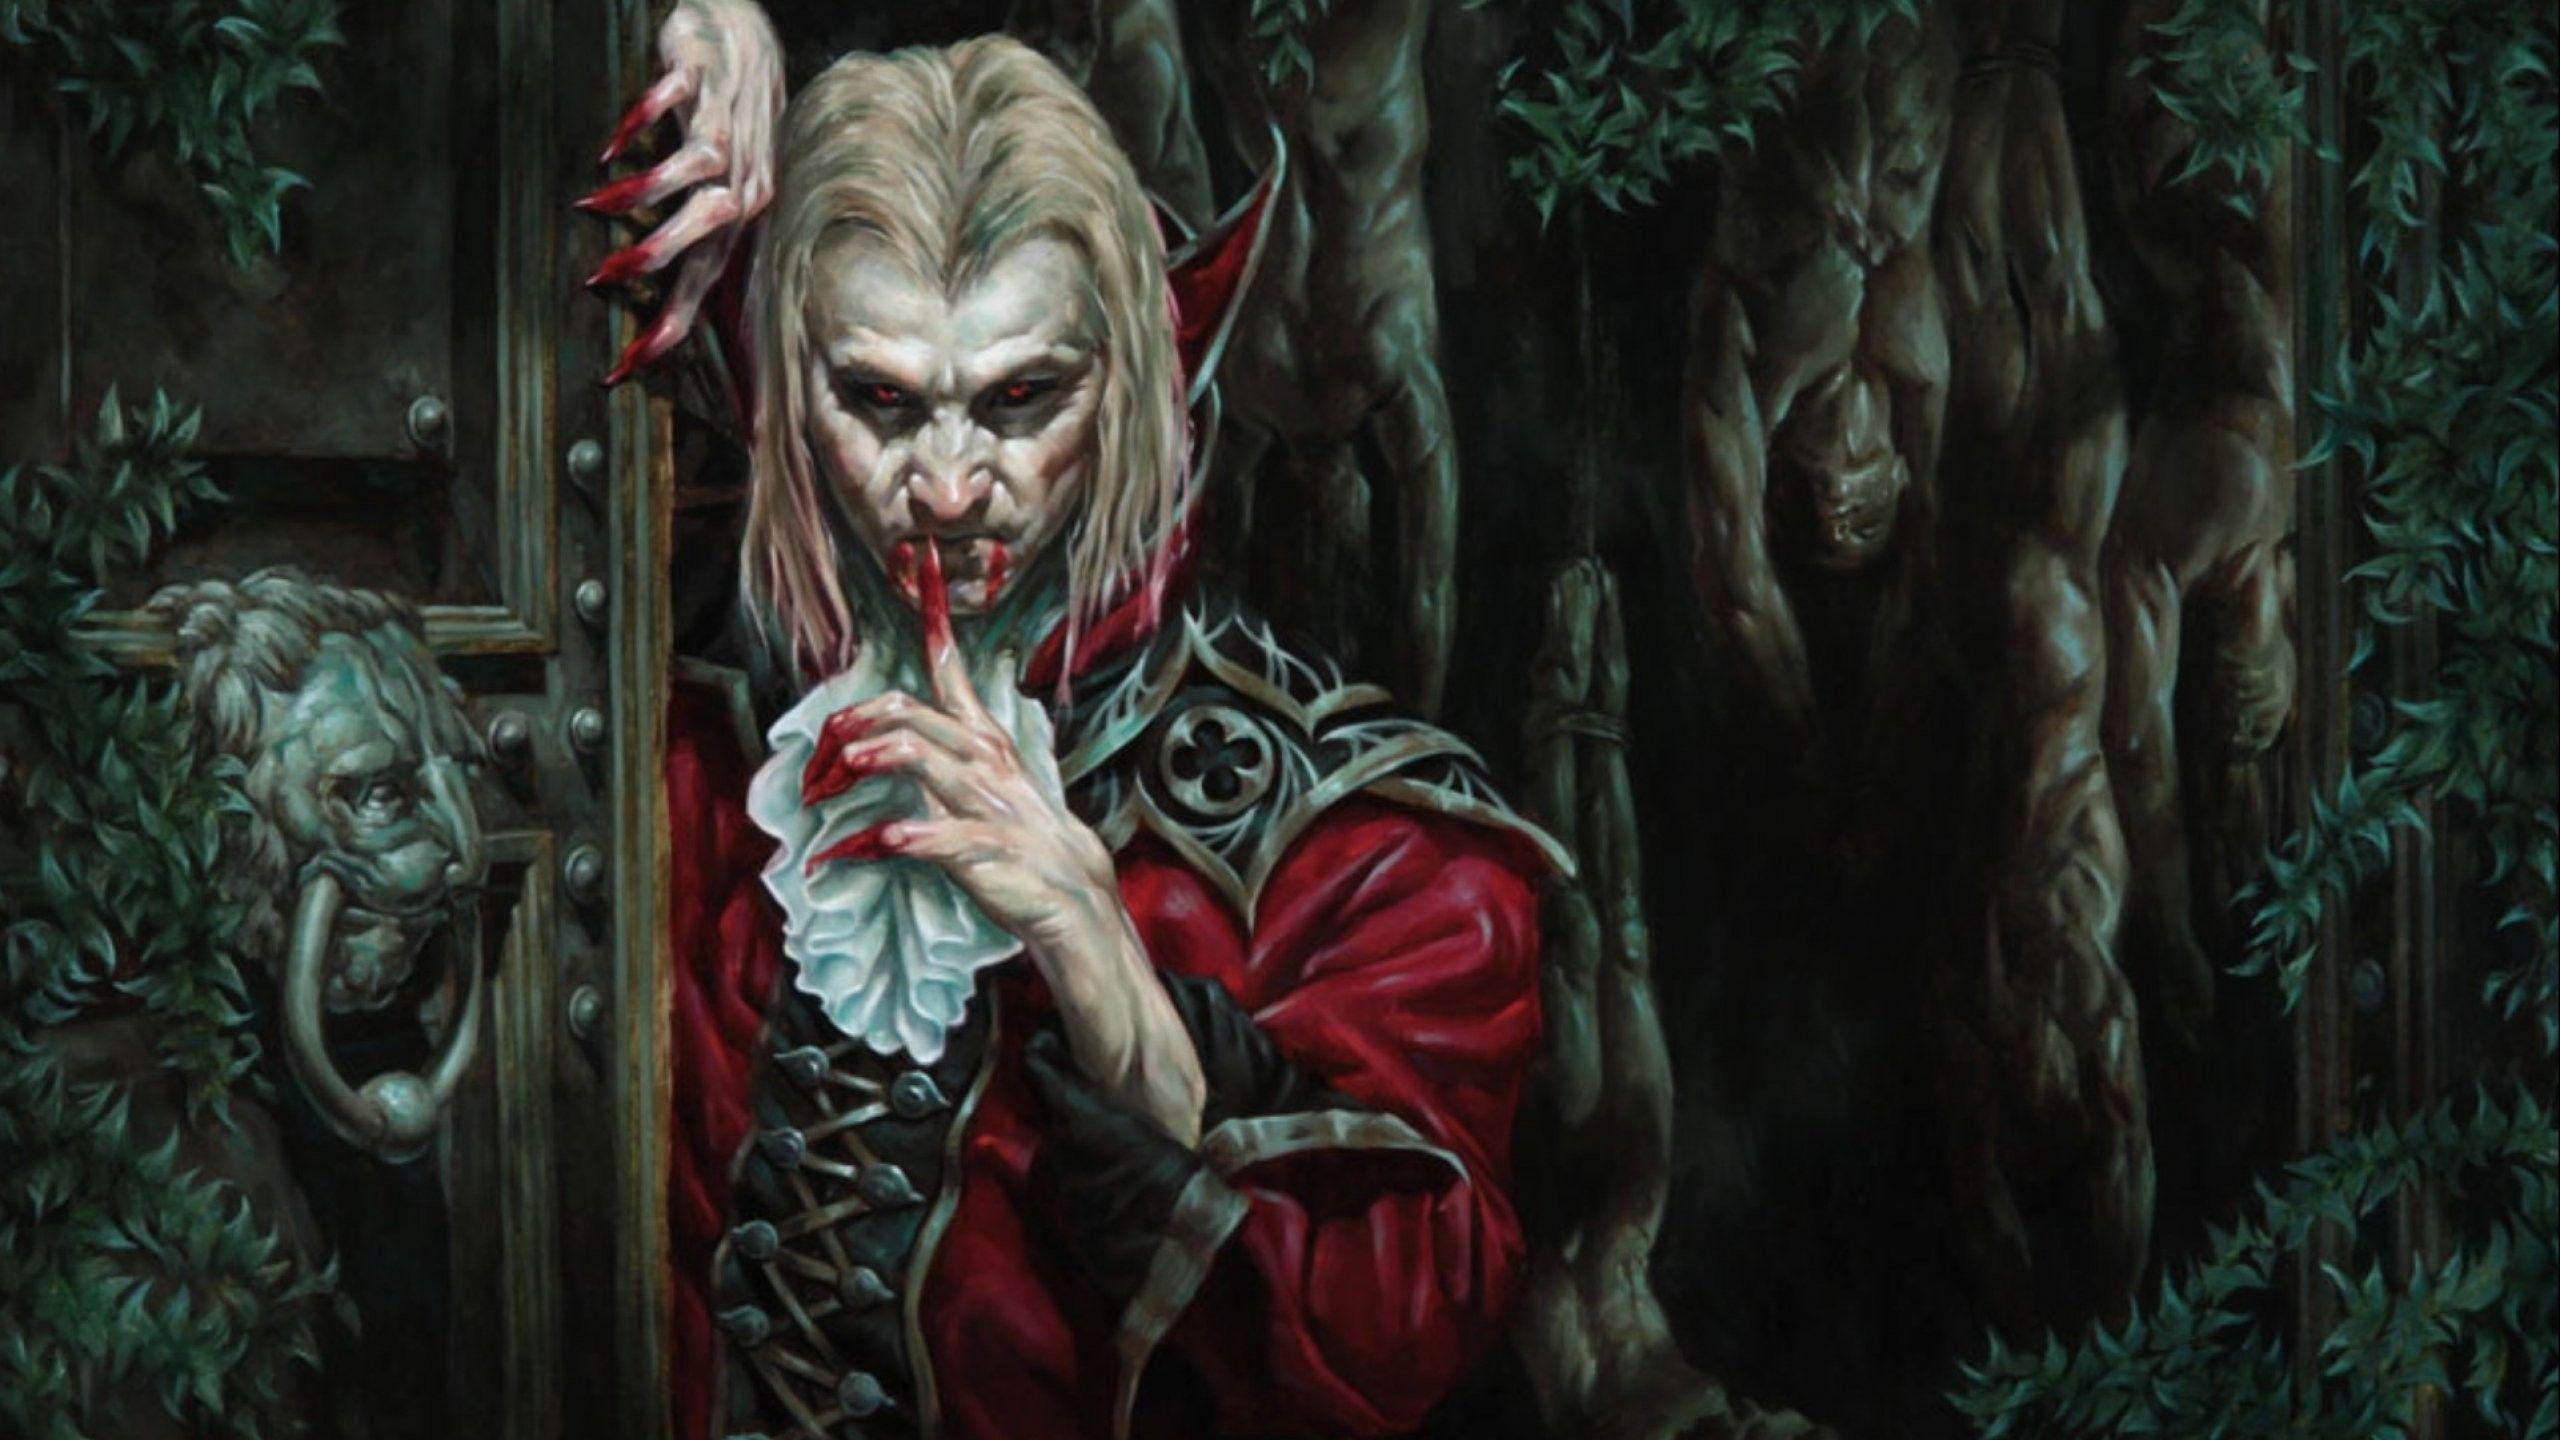 Bloody Vampire Wallpapers - Top Free Bloody Vampire ...